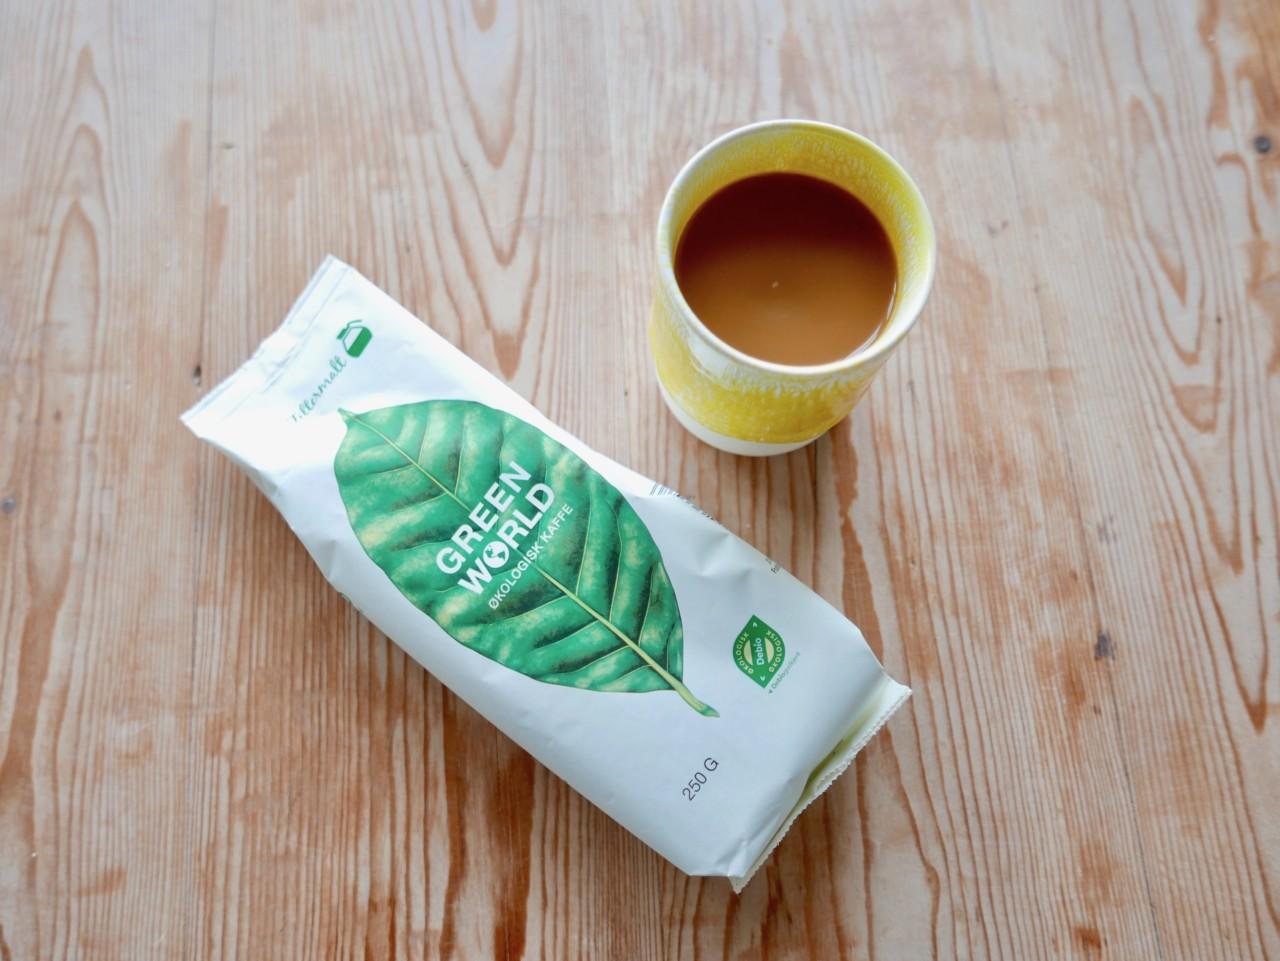 kaffe-green-world-coffee-okologisk-